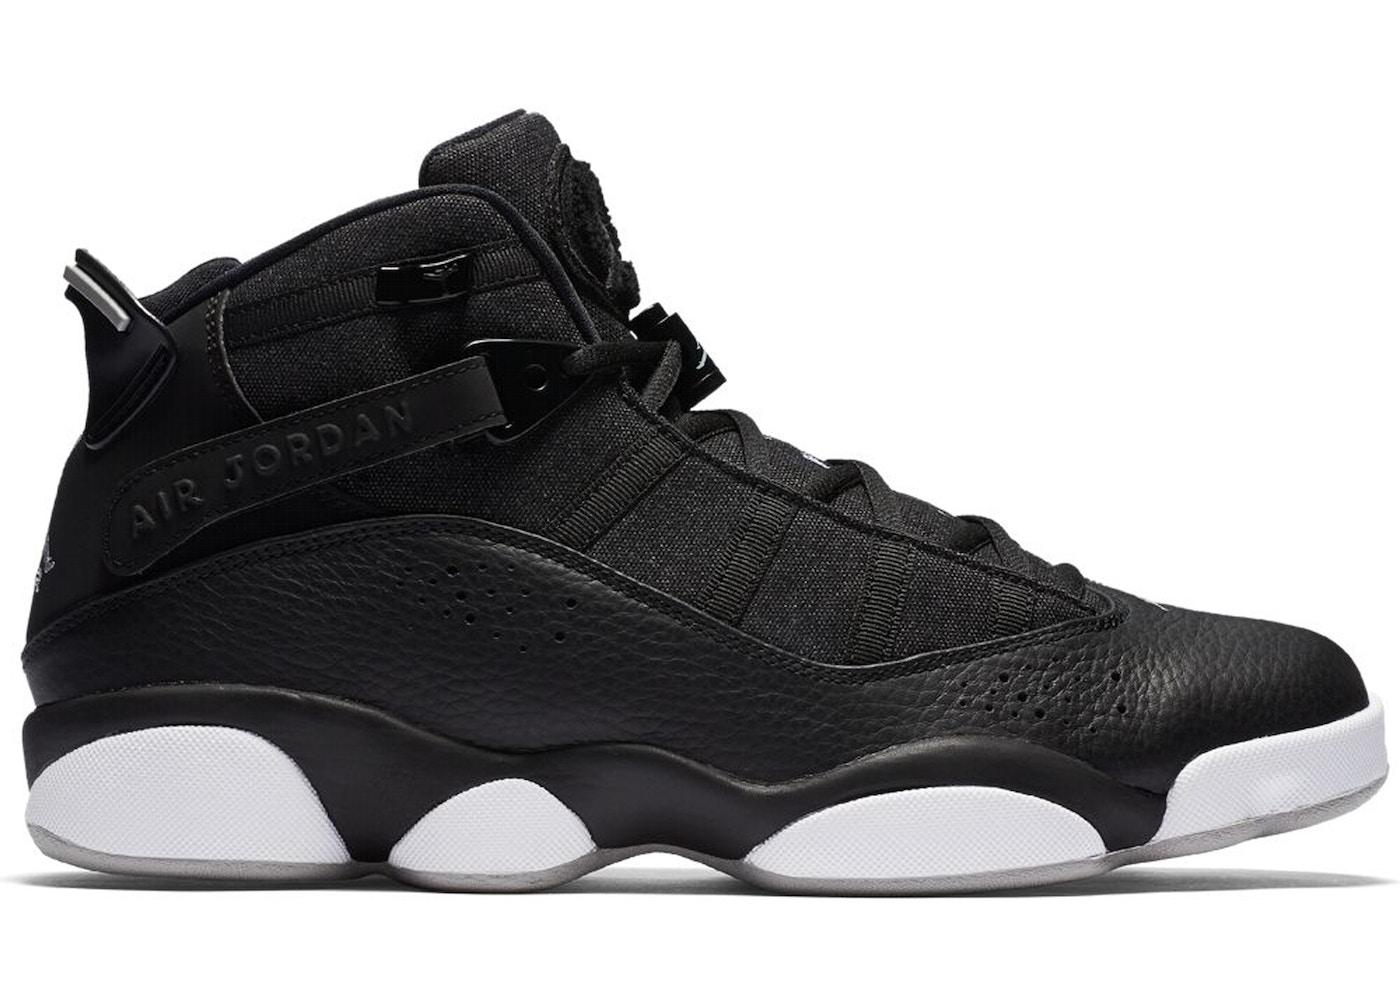 Jordan 6 Rings Black Matte Silver